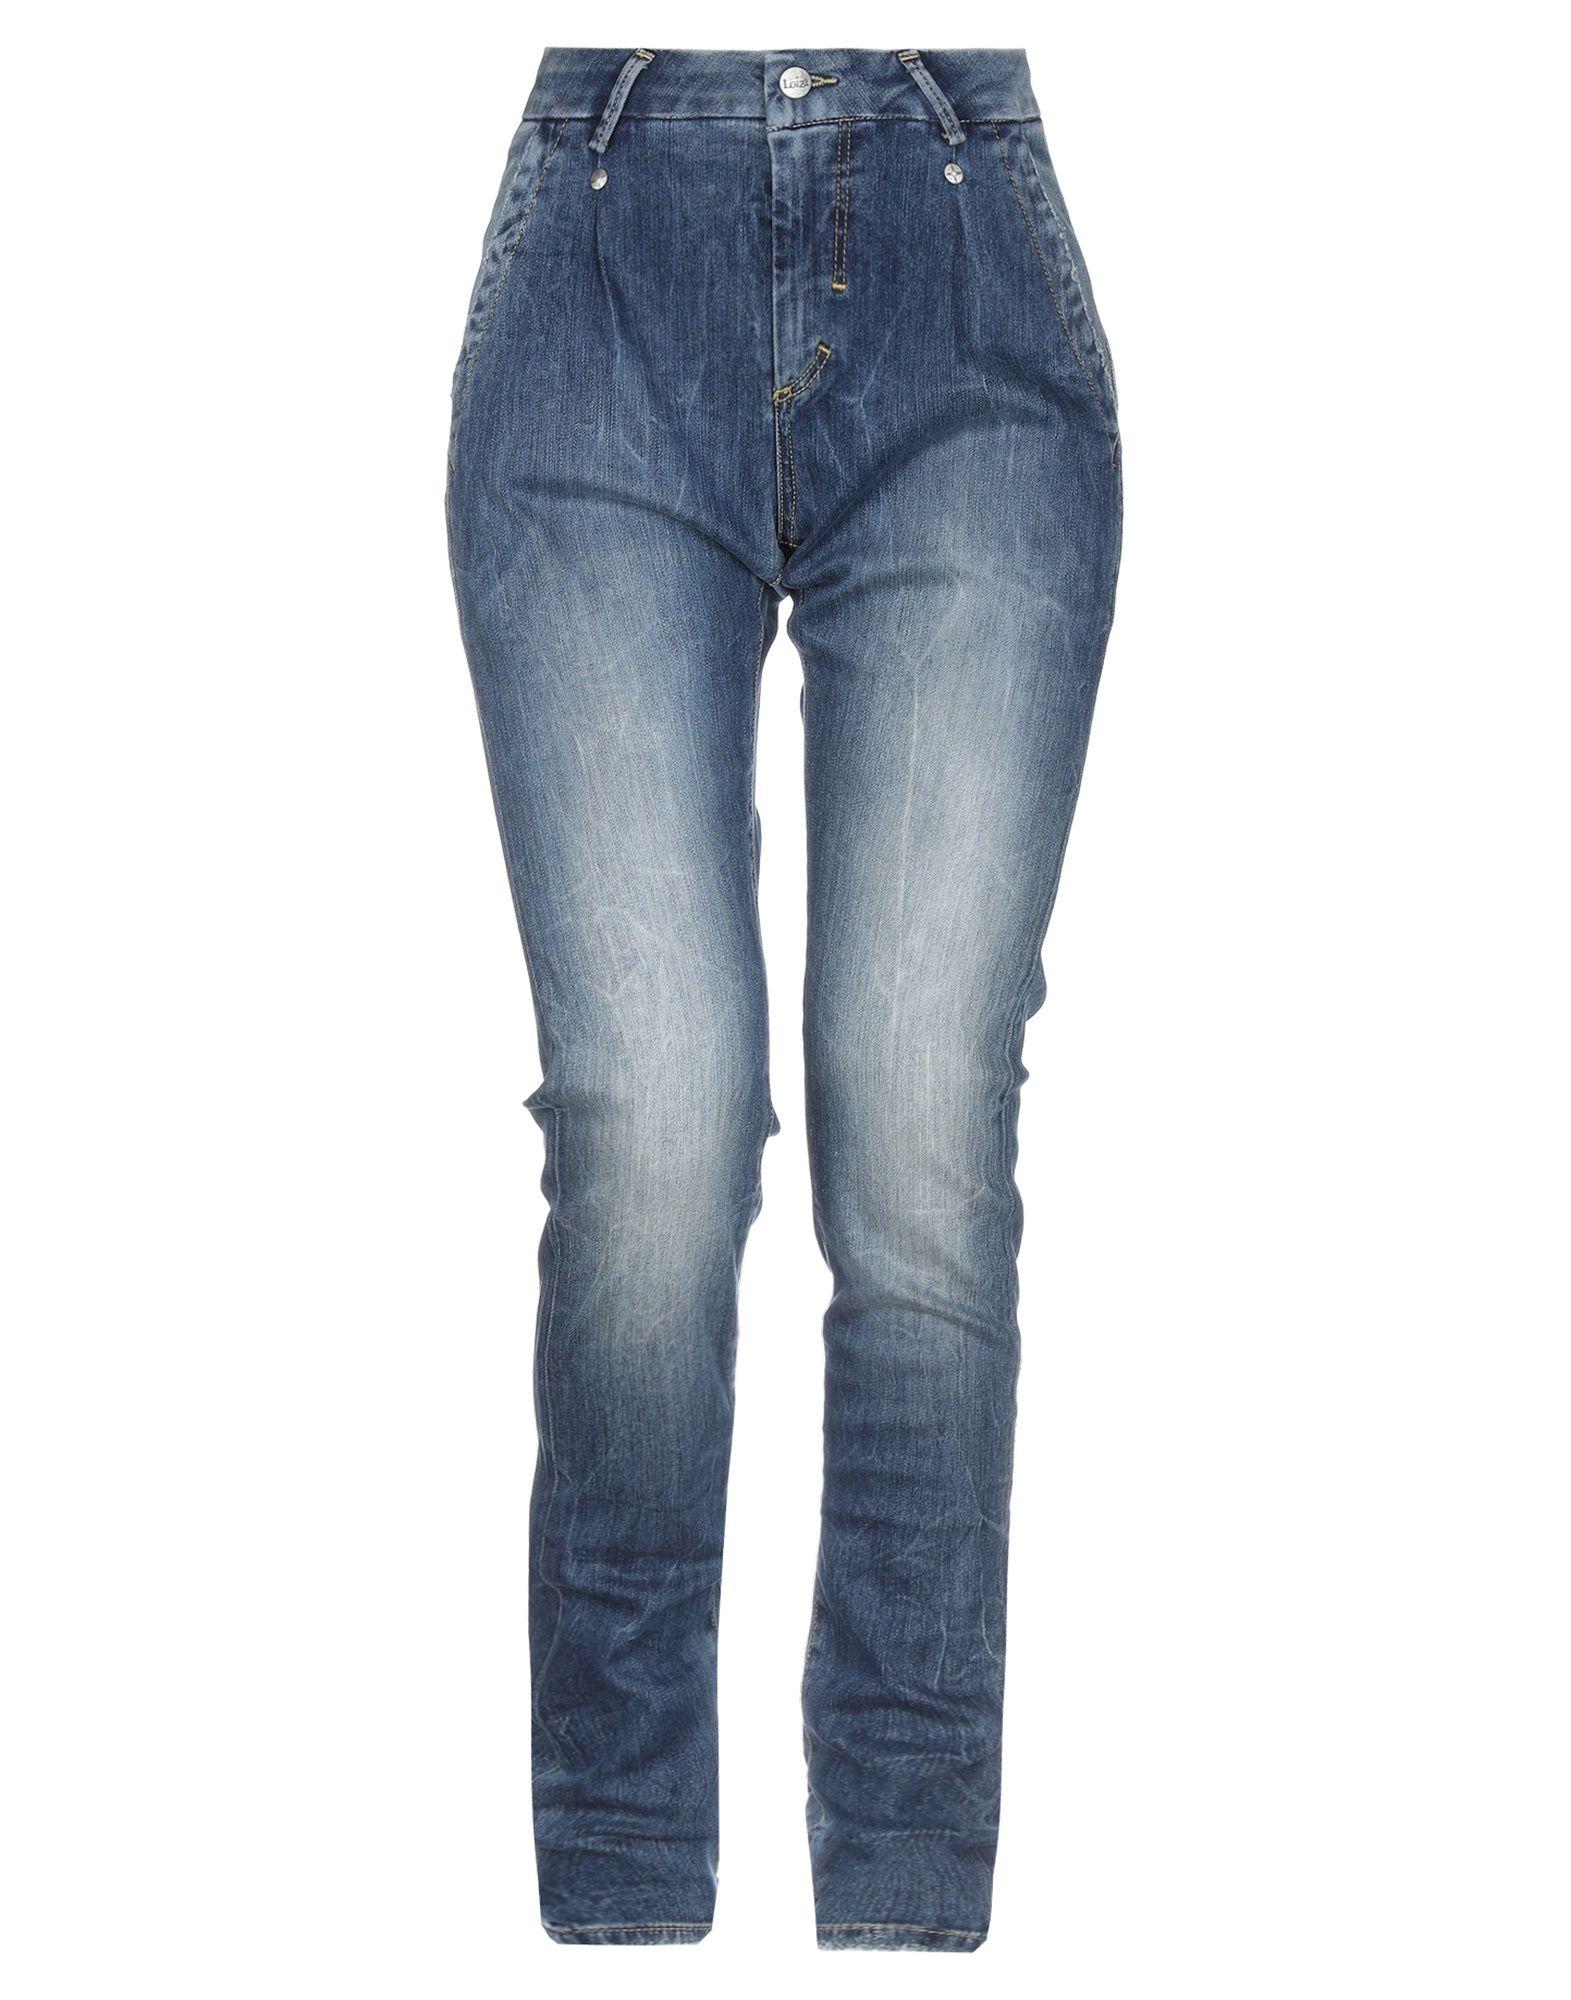 LOIZA by PATRIZIA PEPE Джинсовые брюки loiza by patrizia pepe футболка